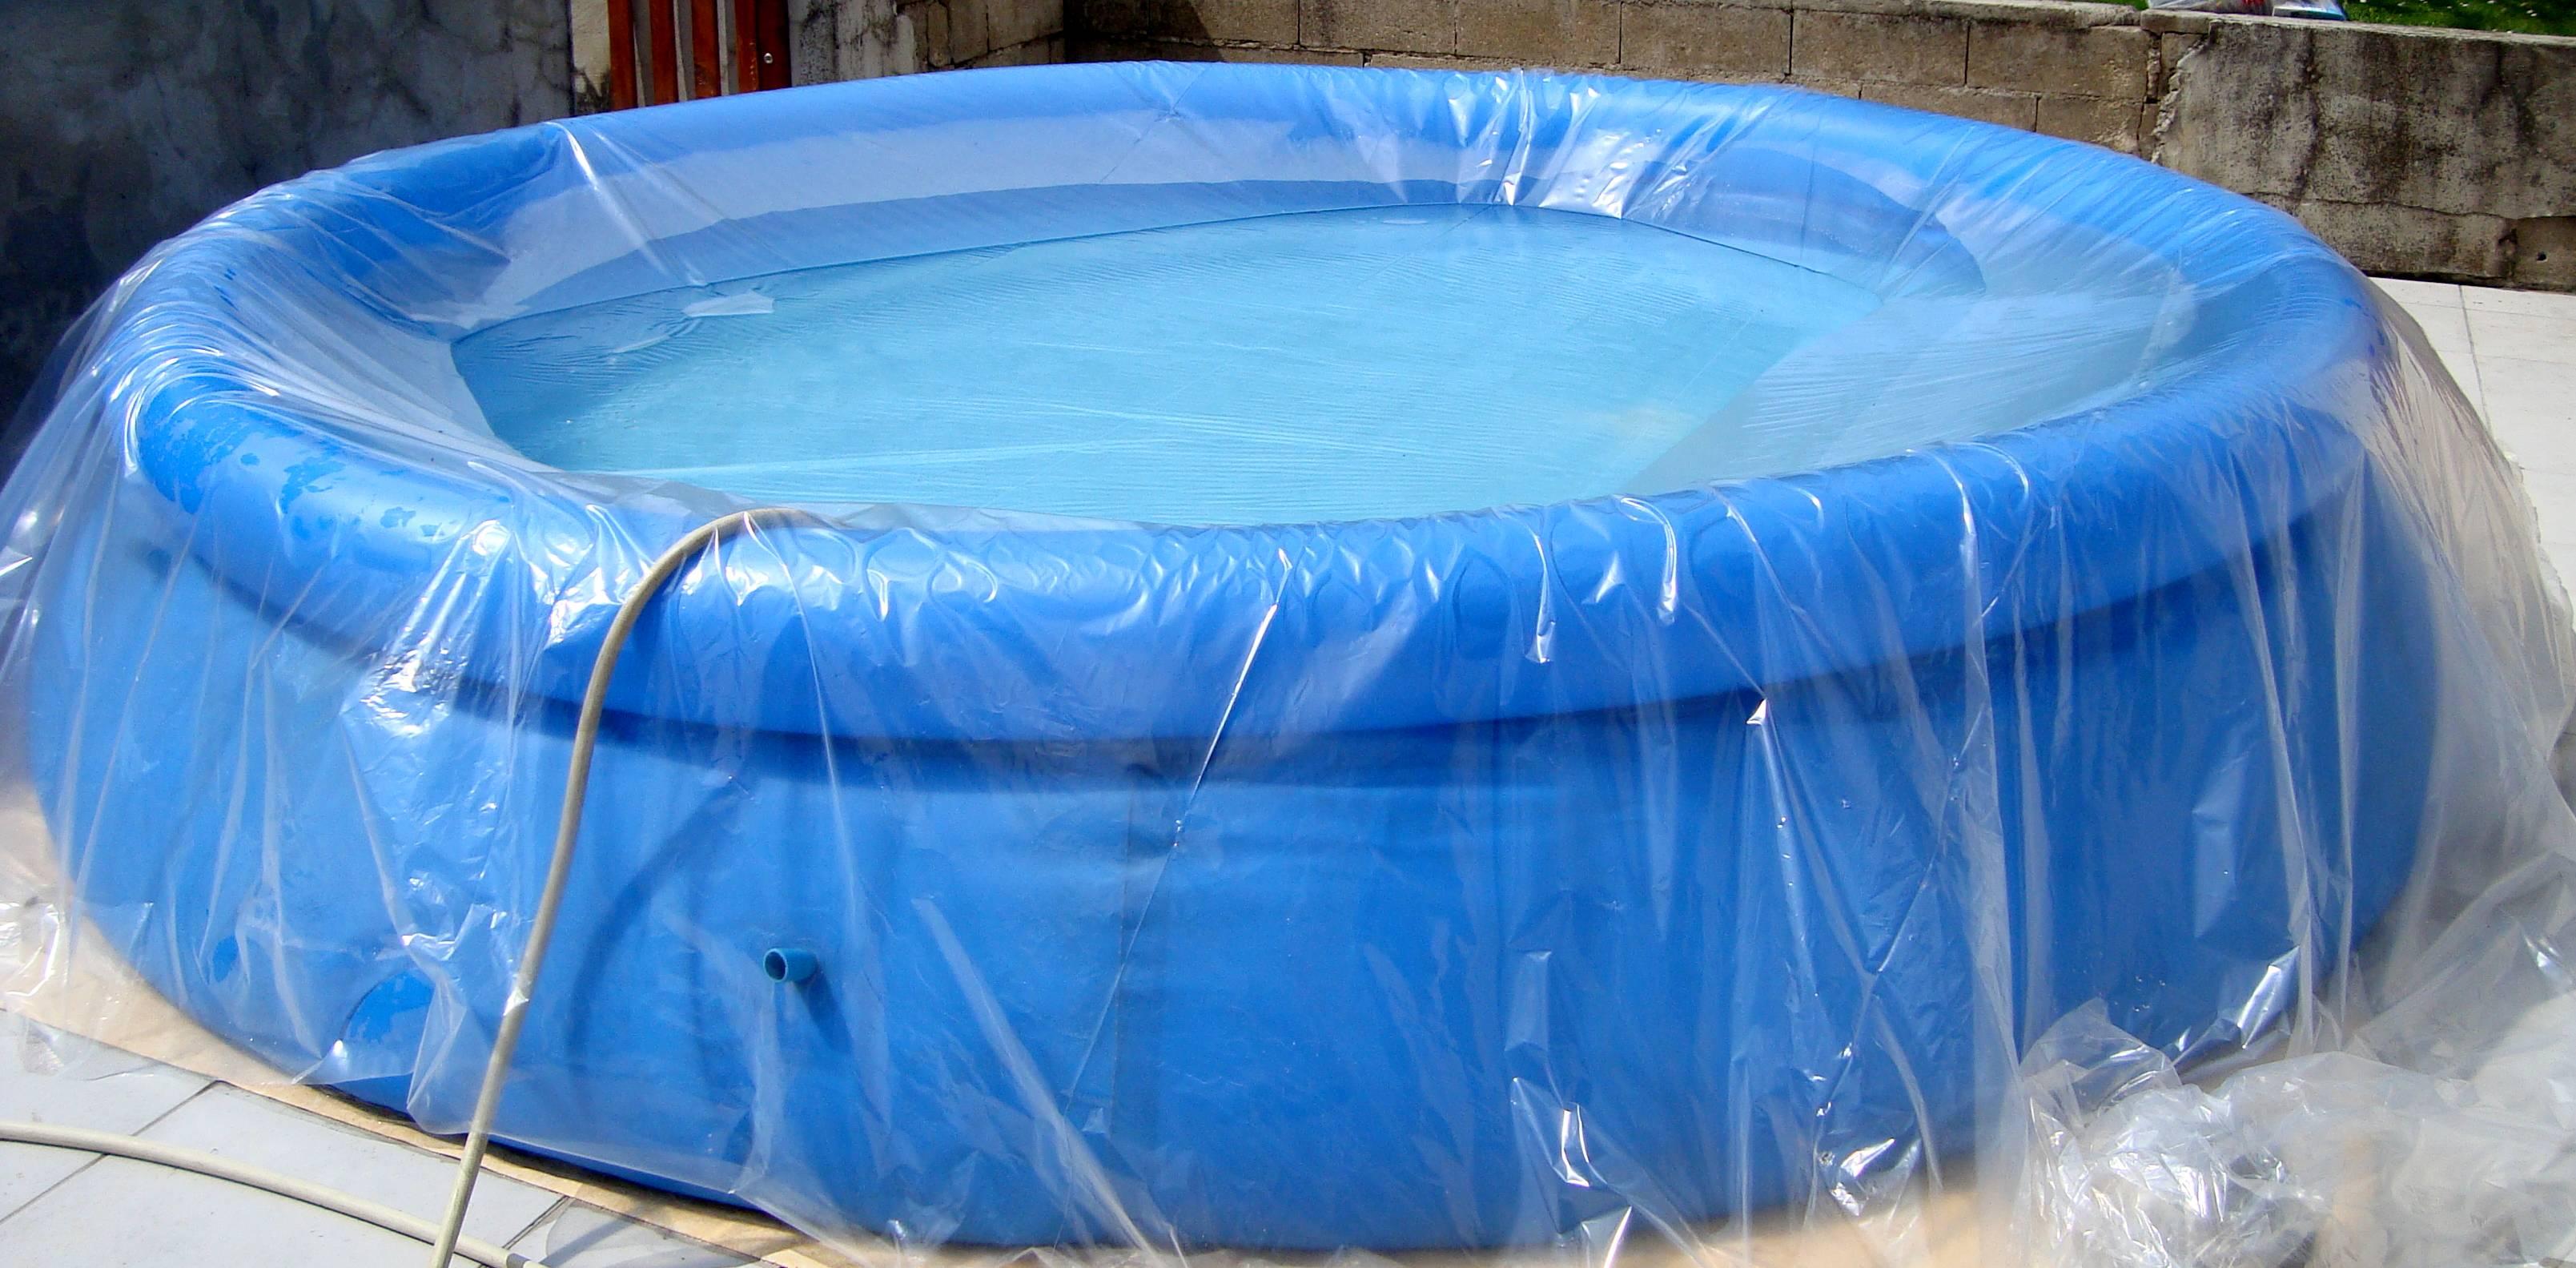 Remplissage de la piscine for Remplissage automatique piscine